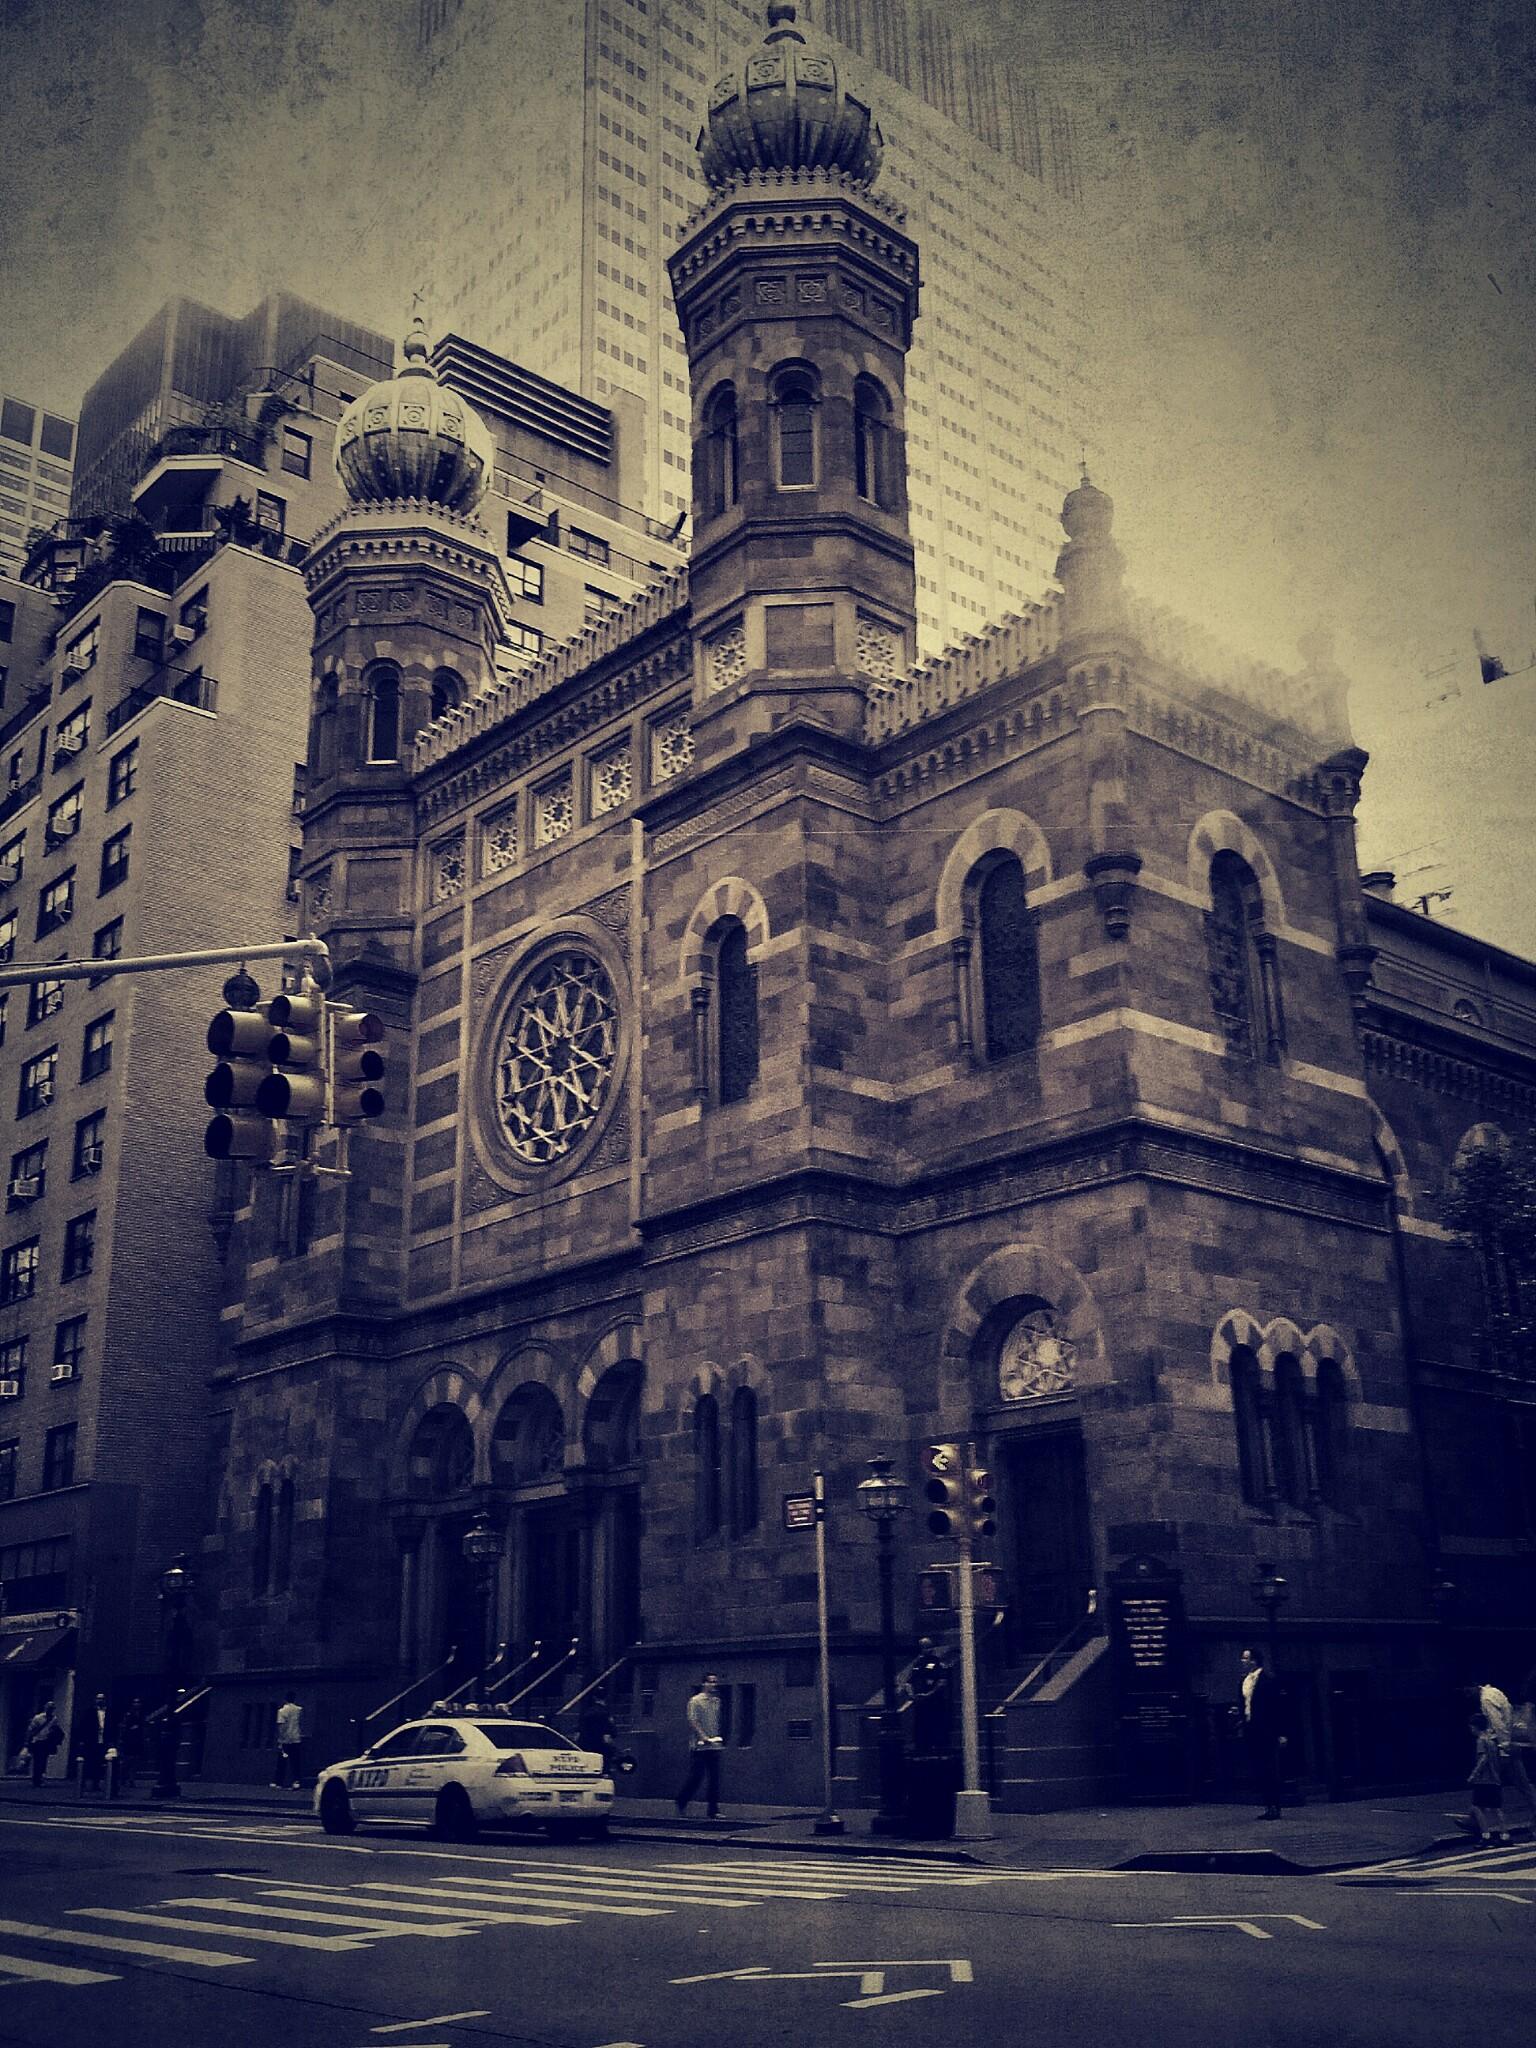 ErnestoSue_newyork-13 - 1 (5).jpg